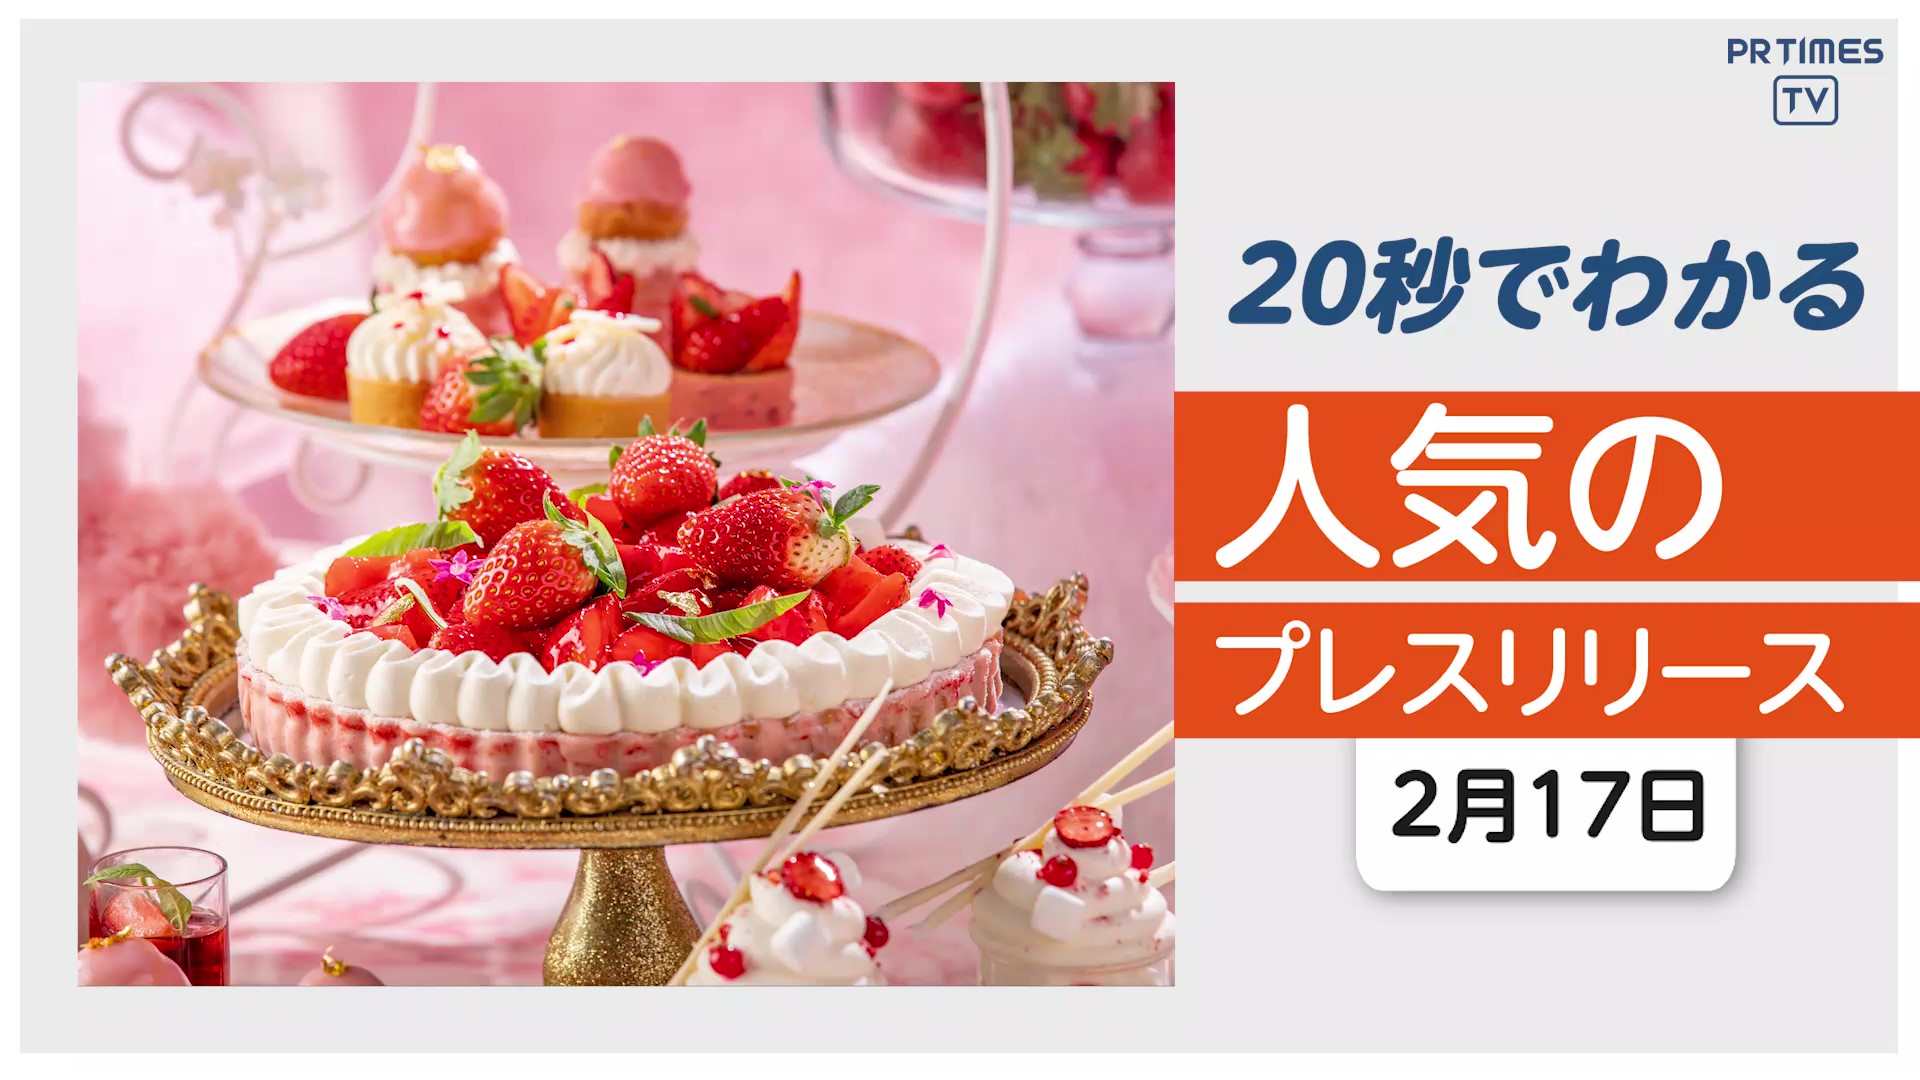 【ヒルトン東京 デザートビュッフェの「お持ち帰り」を開始】他、新着トレンド2月17日